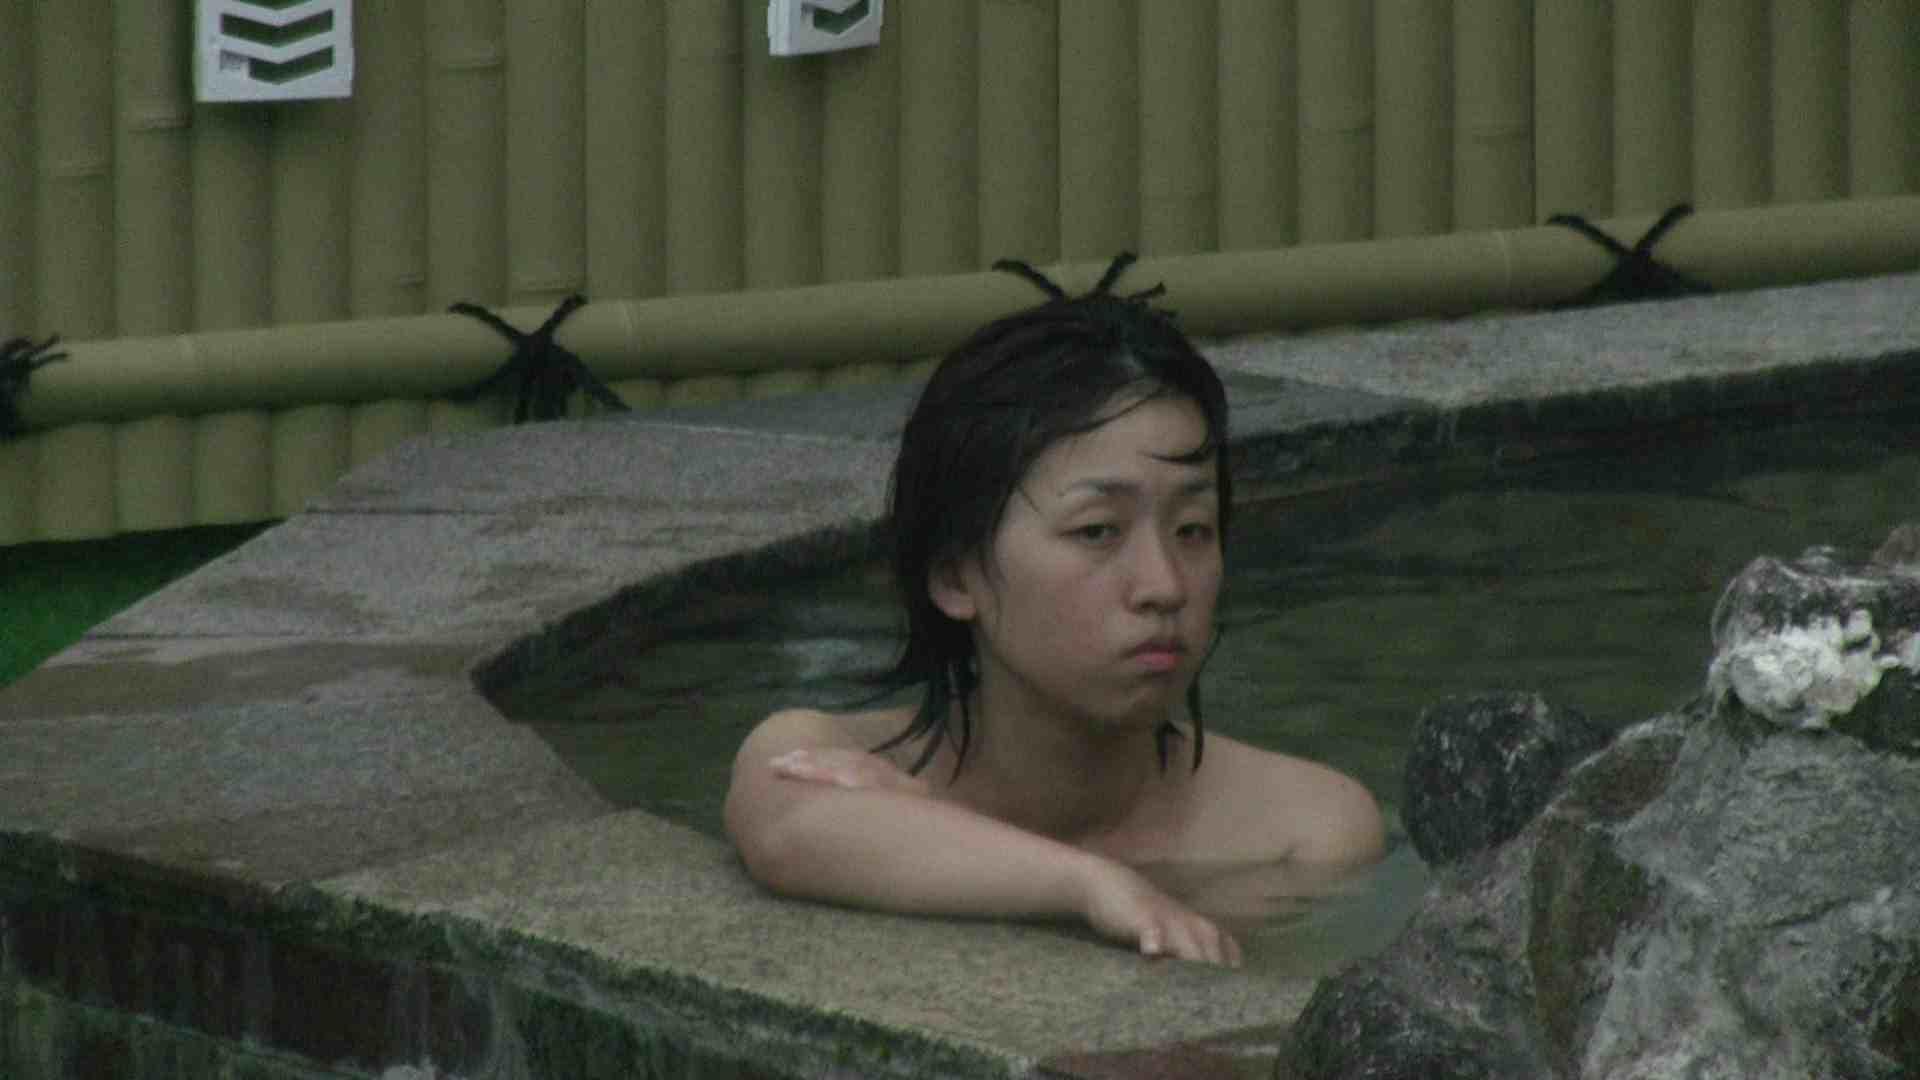 Aquaな露天風呂Vol.170 露天 ヌード画像 54画像 44